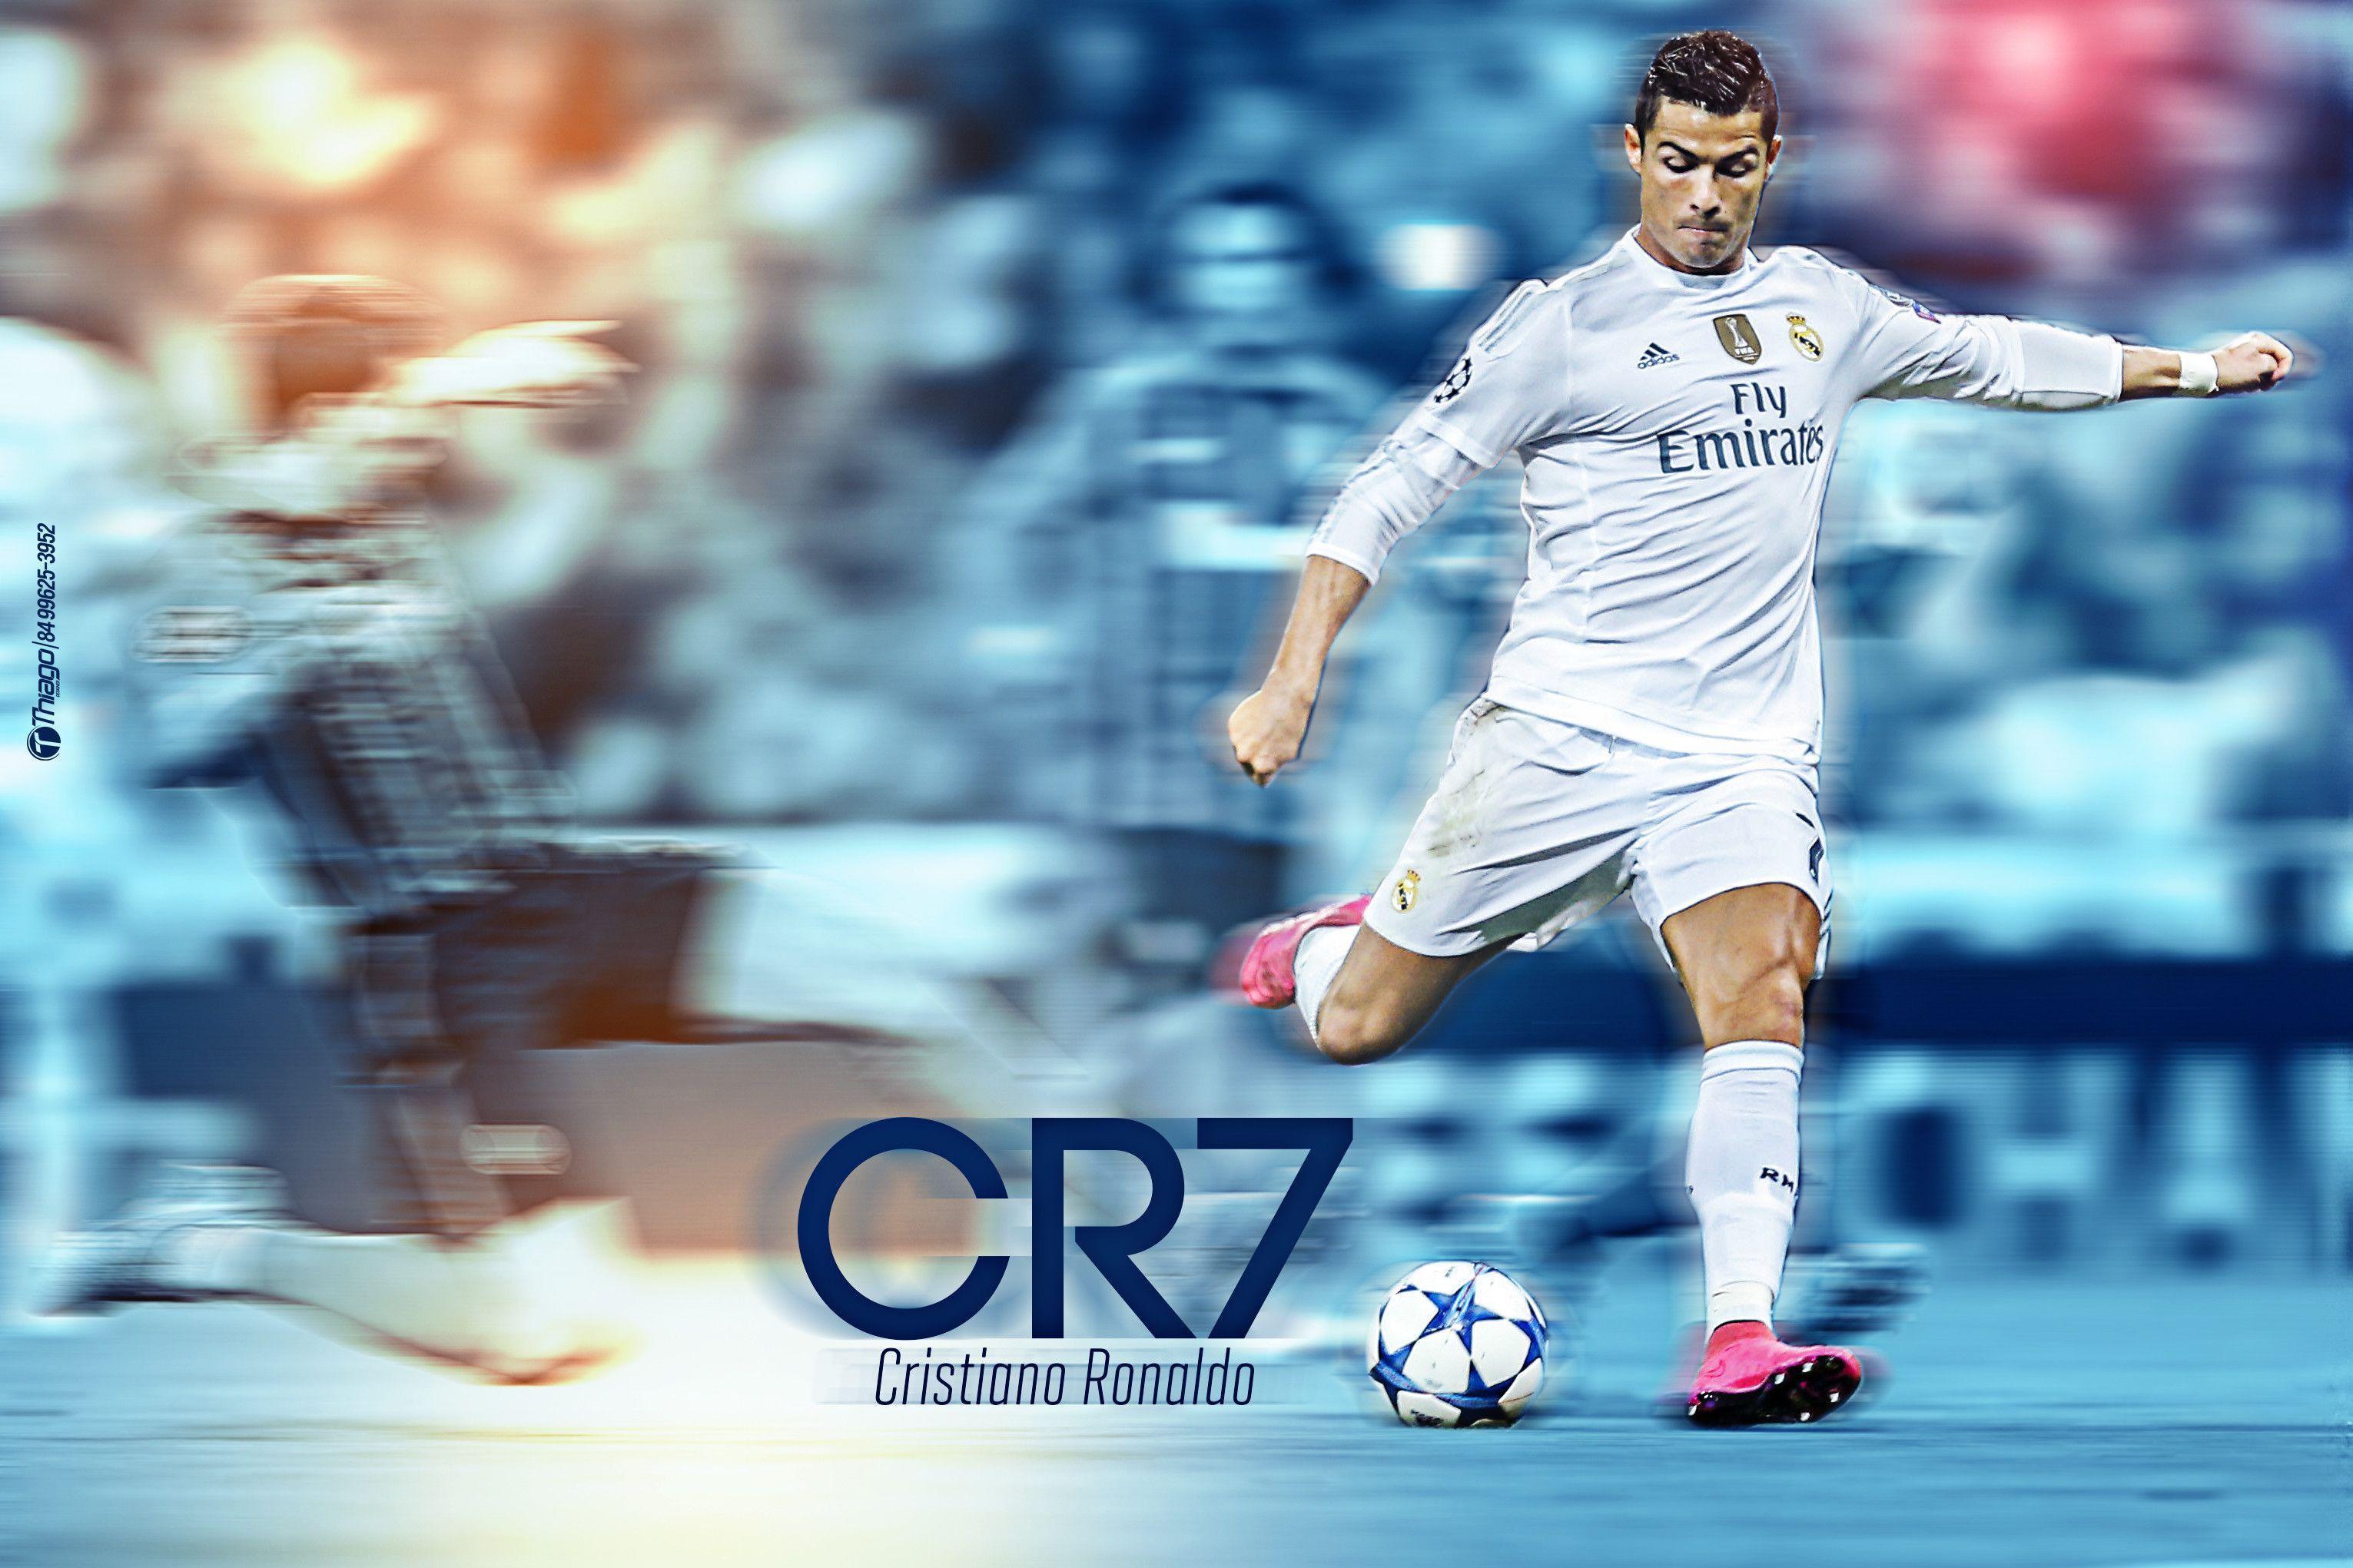 Hình nền Cristiano Ronaldo 3062x2041 Tải xuống hình ảnh HD mới của CR7